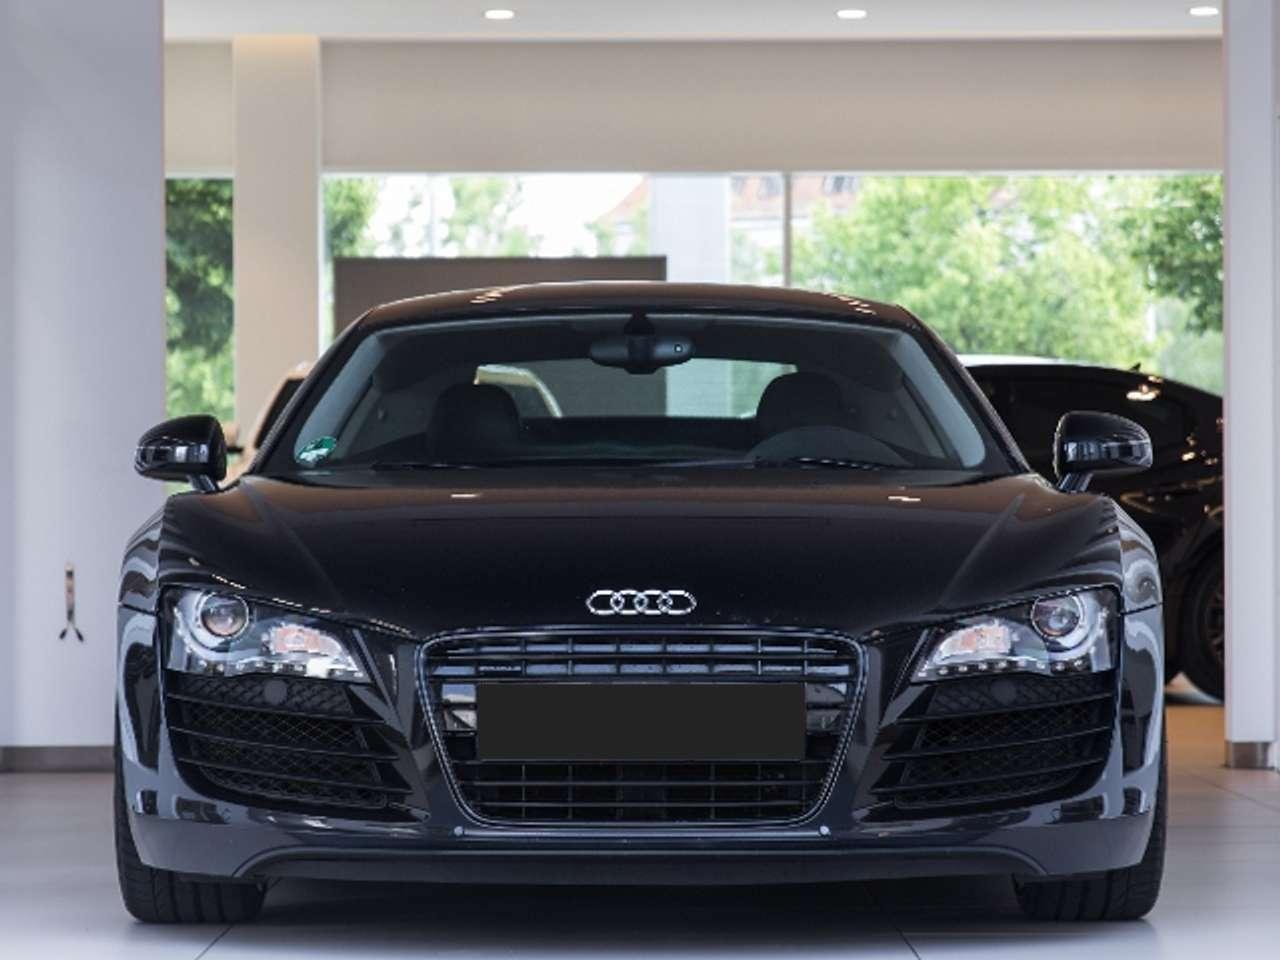 Audi R8 4.2 FSI 420 CH